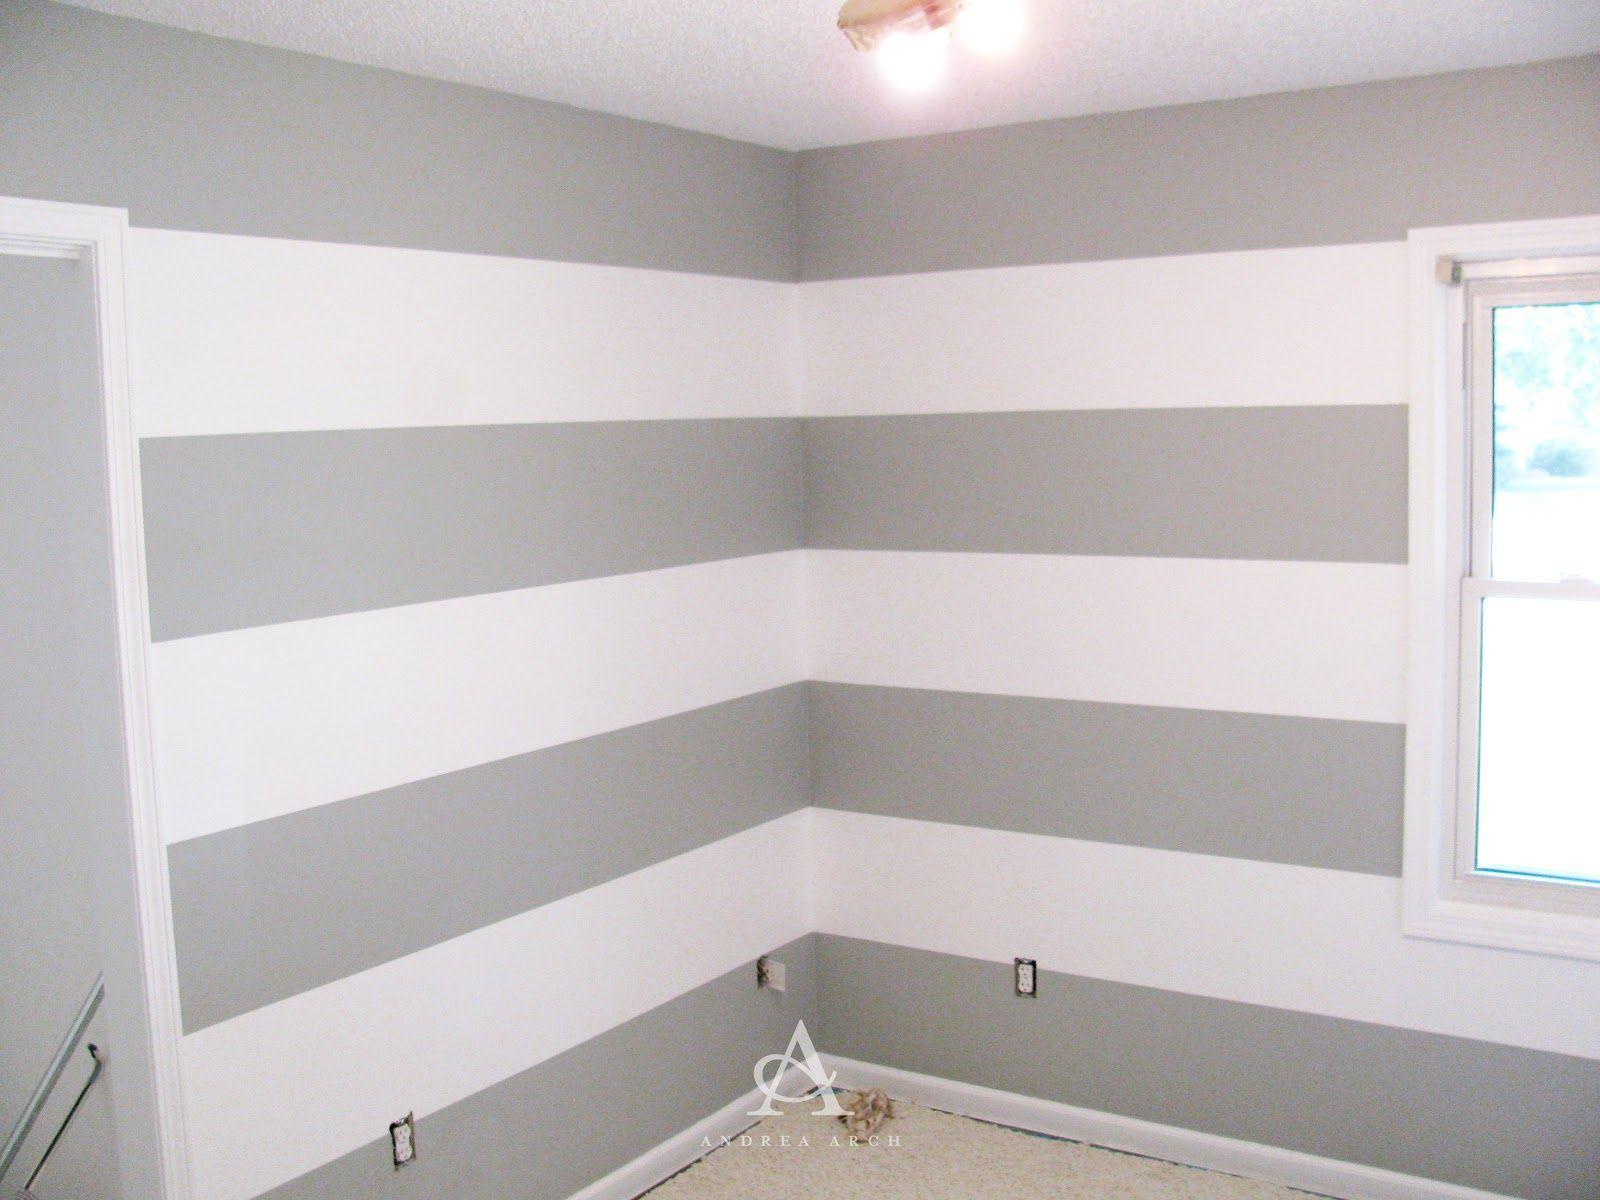 Dipingere Muri A Strisce : Pin di mglg su pittura pareti e altro